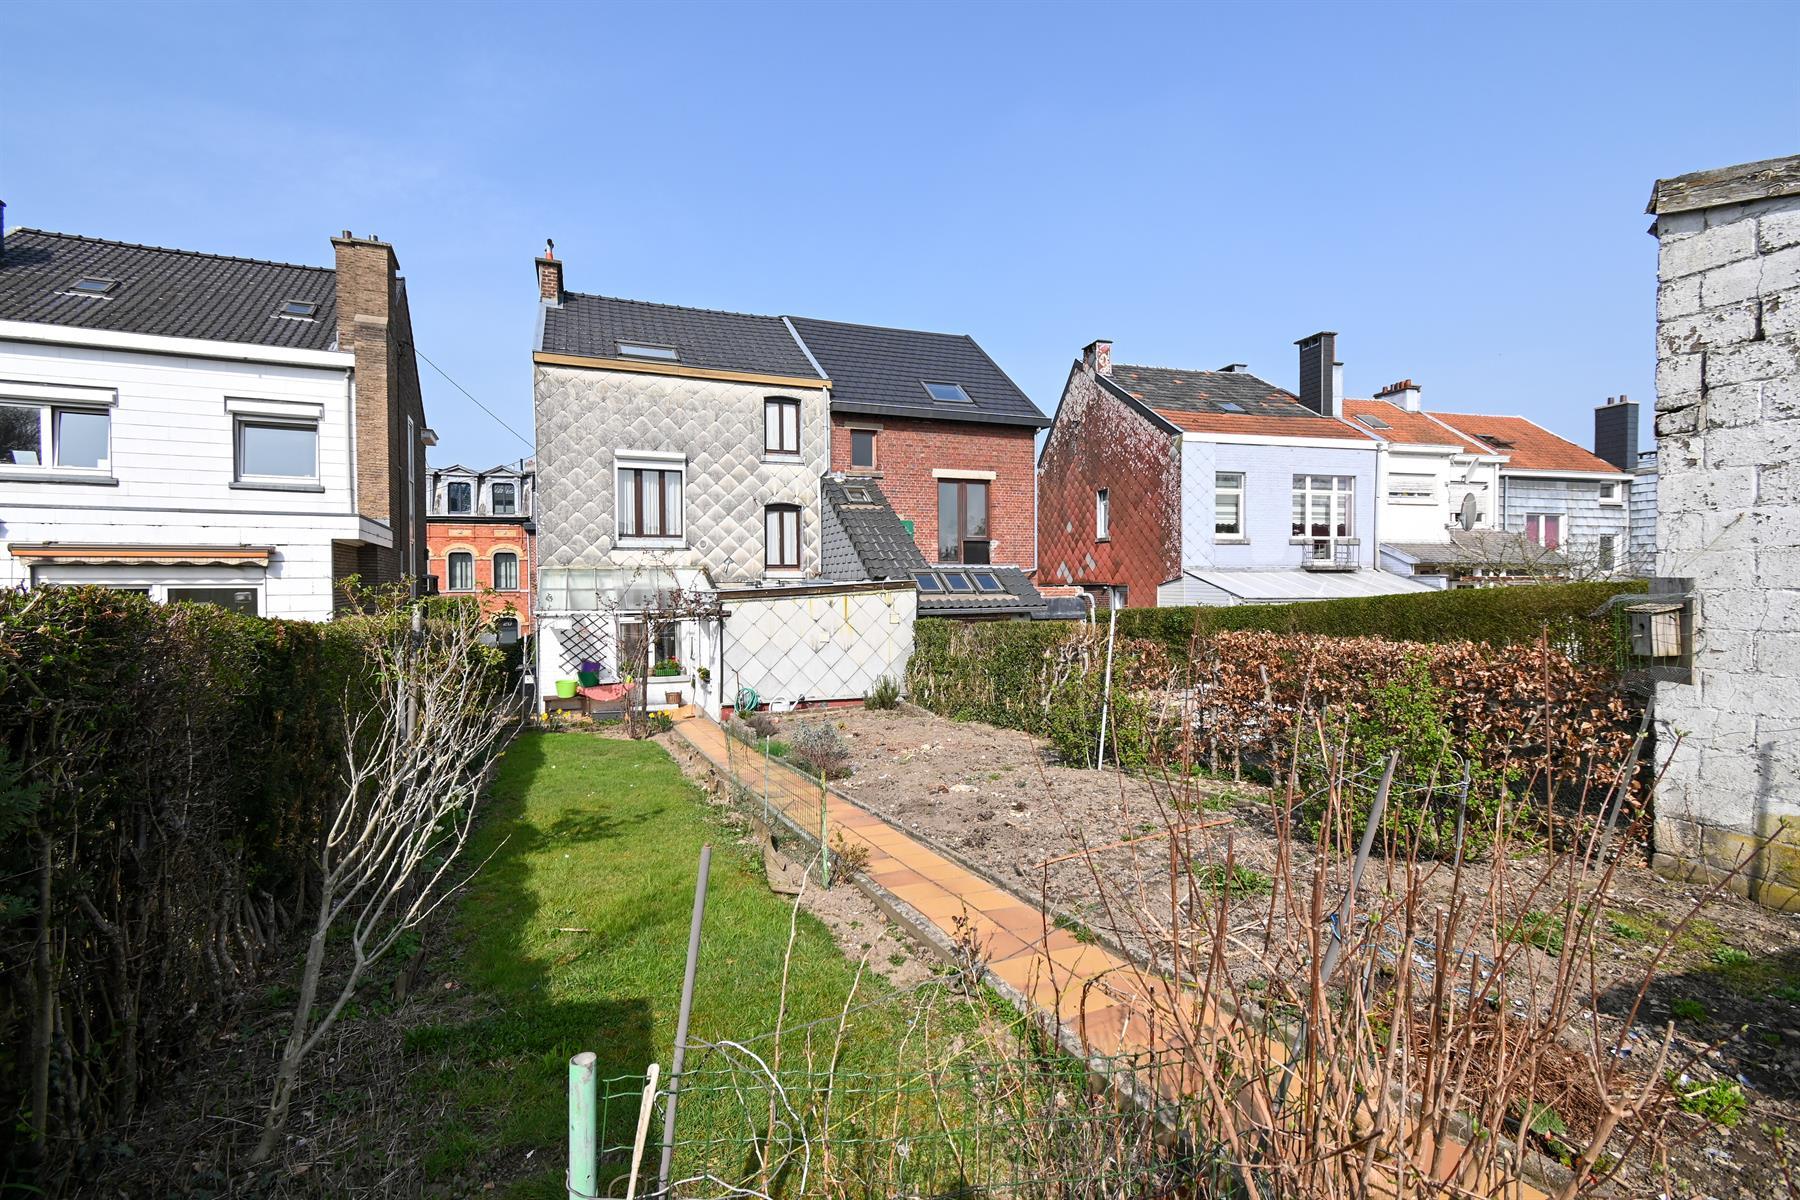 Maison - Verviers - #4344446-7